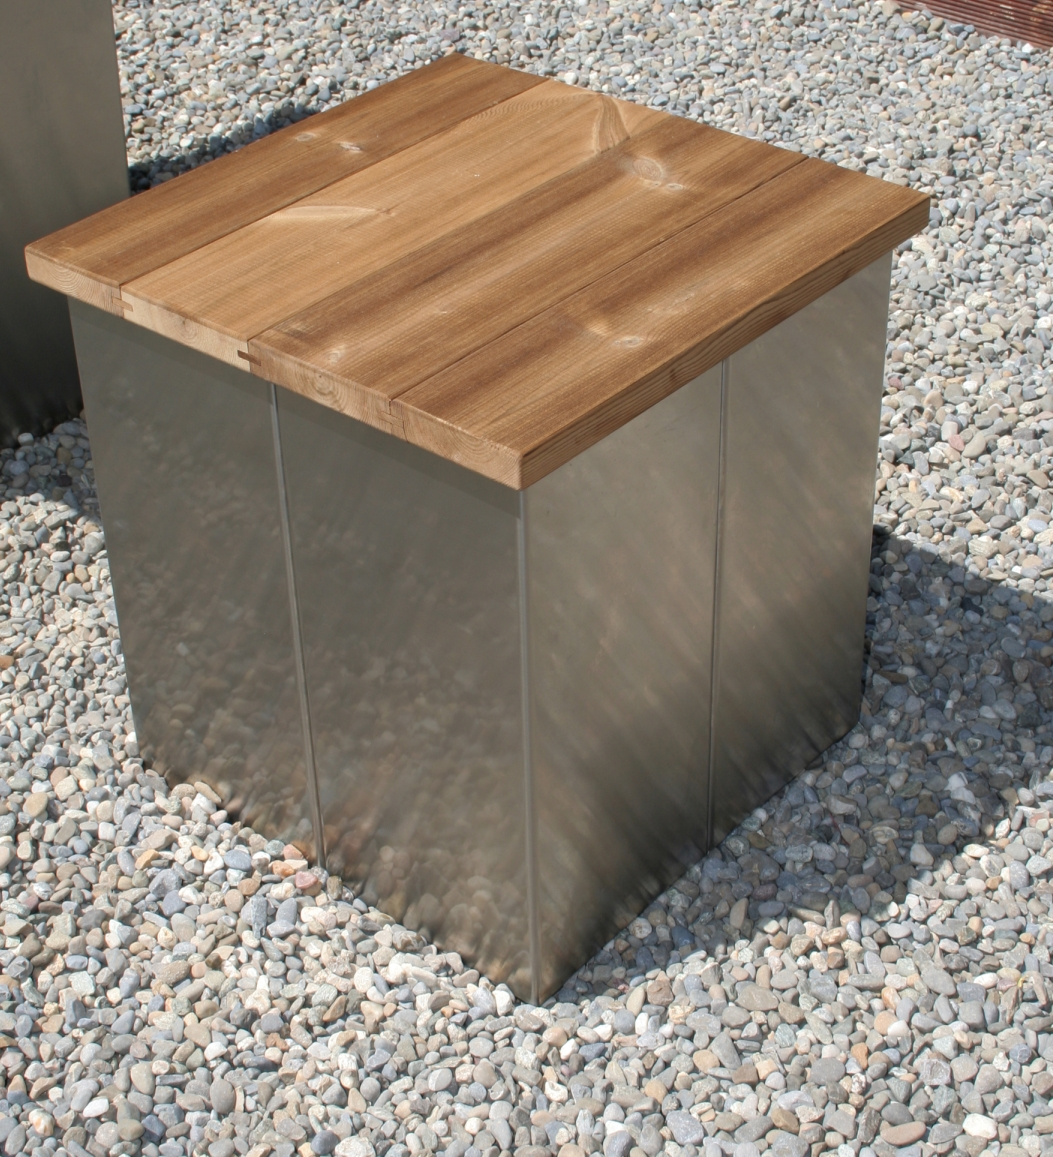 garten im quadrat garten hocker aus edelstahl und holz modern puristisch. Black Bedroom Furniture Sets. Home Design Ideas